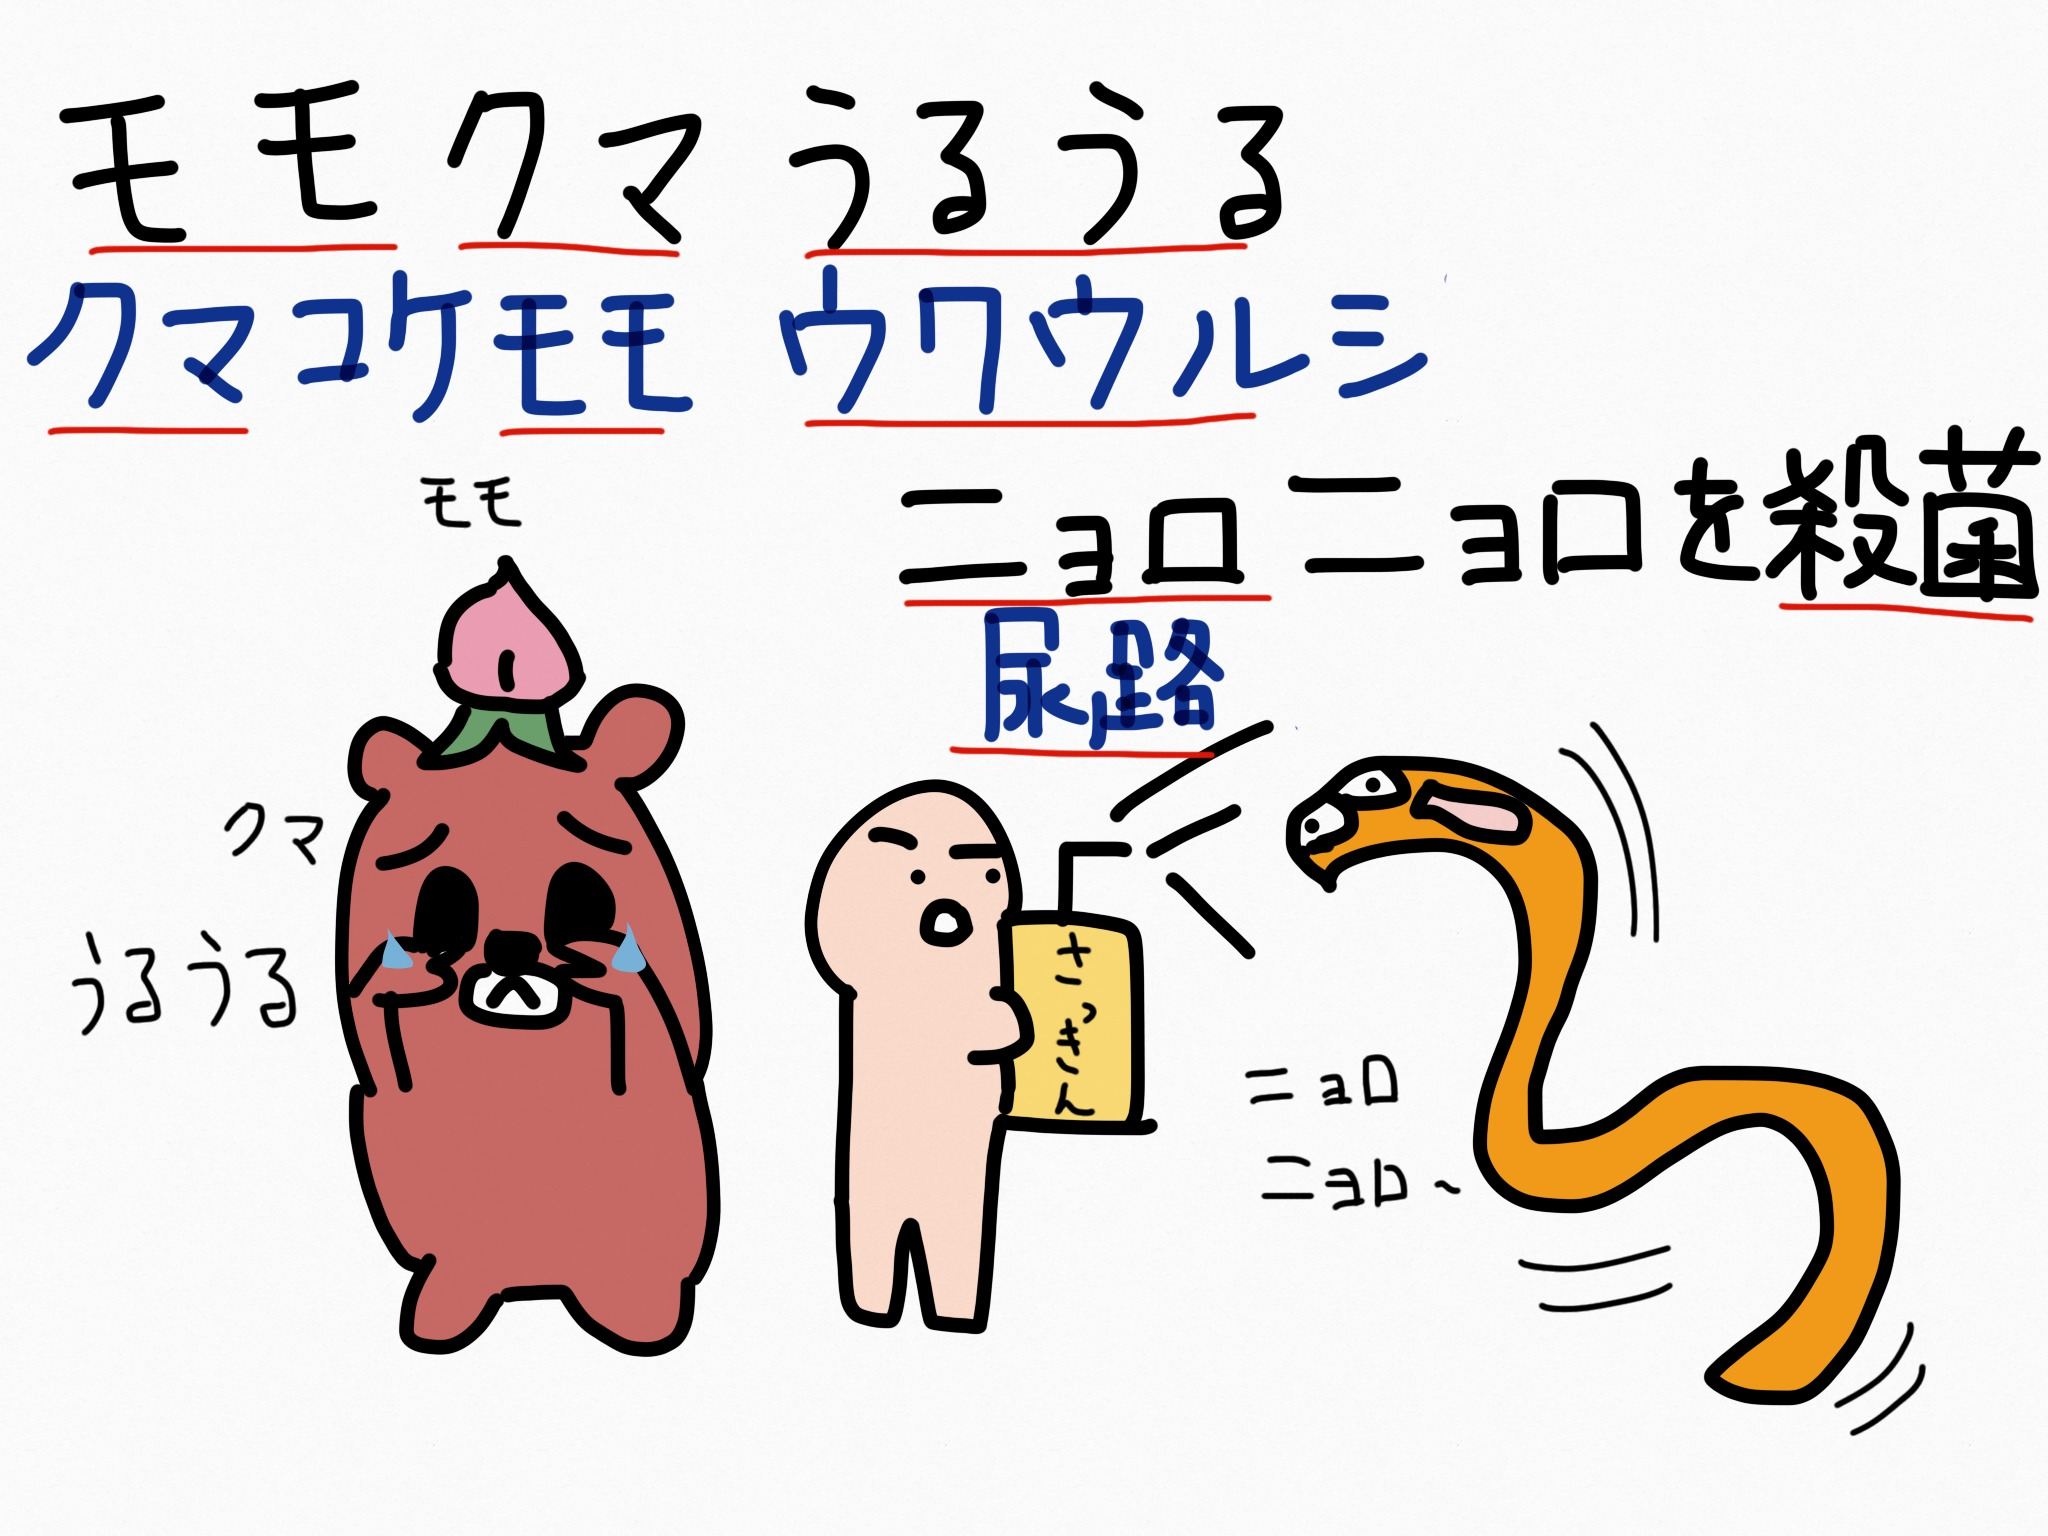 ウワウルシ[泌尿器用薬]生薬の覚え方・暗記方法・語呂合わせ